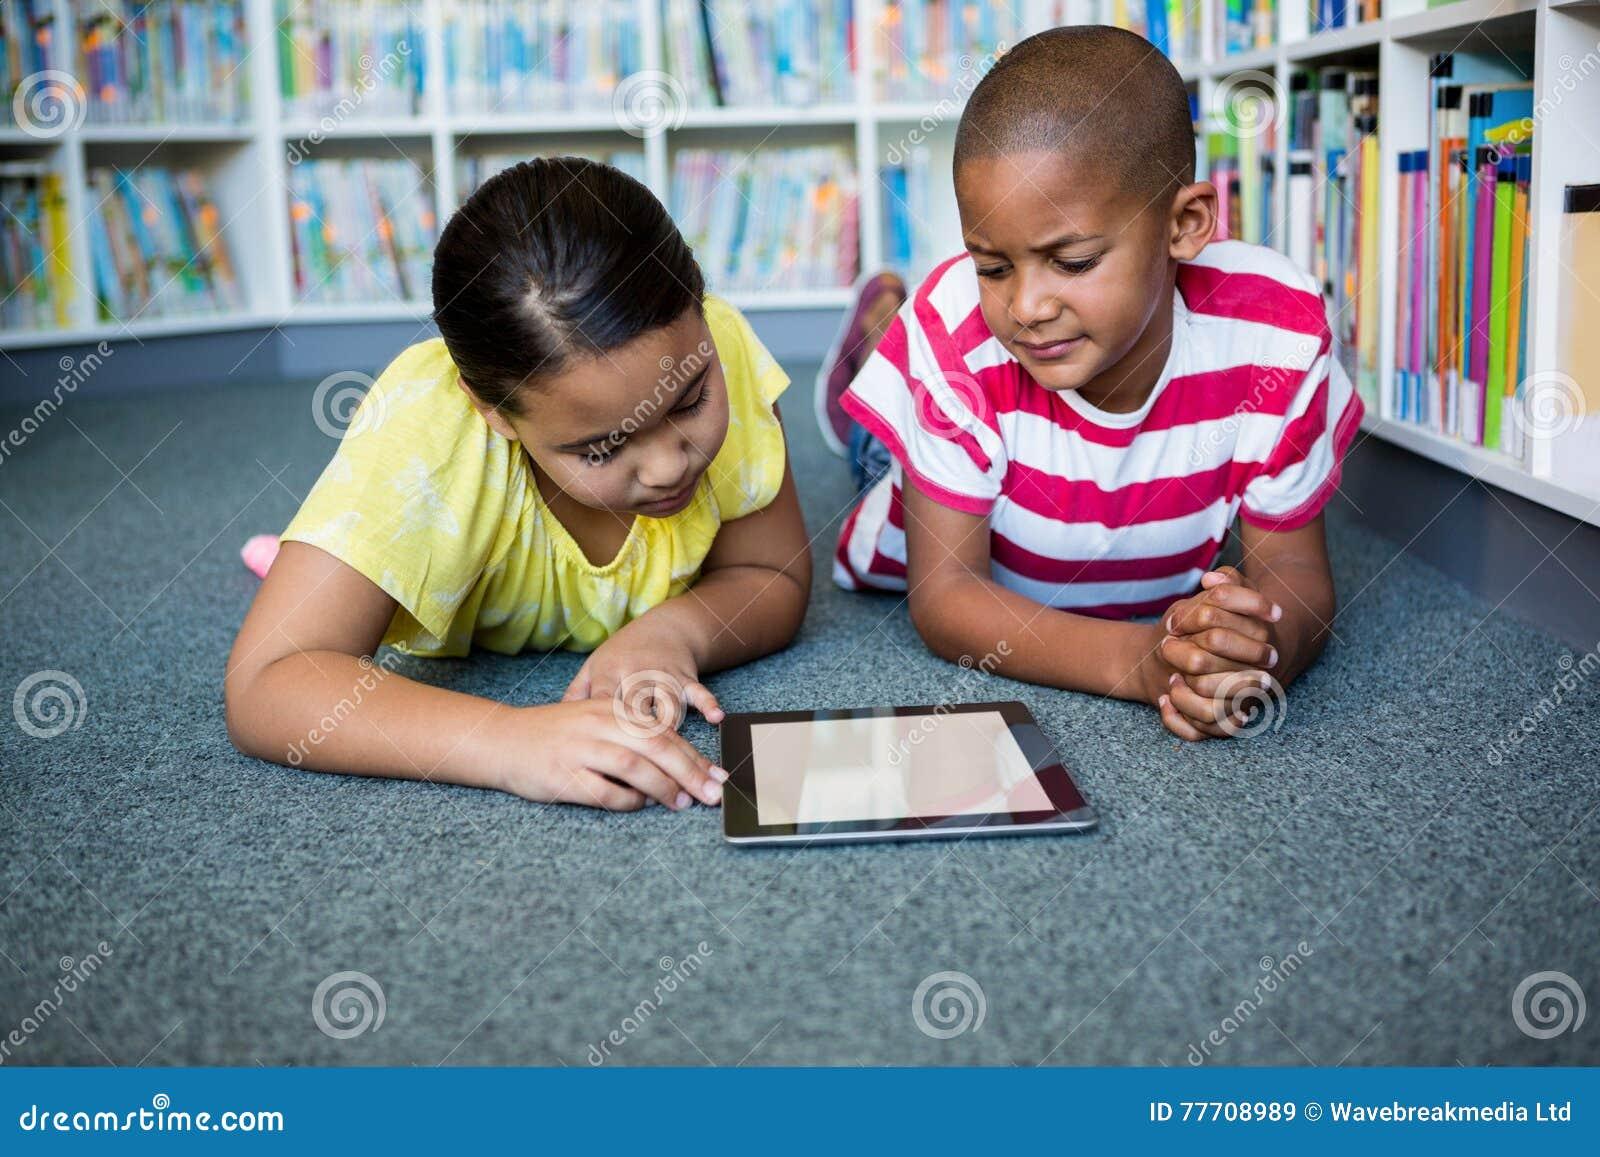 学生阅读书正面图,当说谎在图书馆时